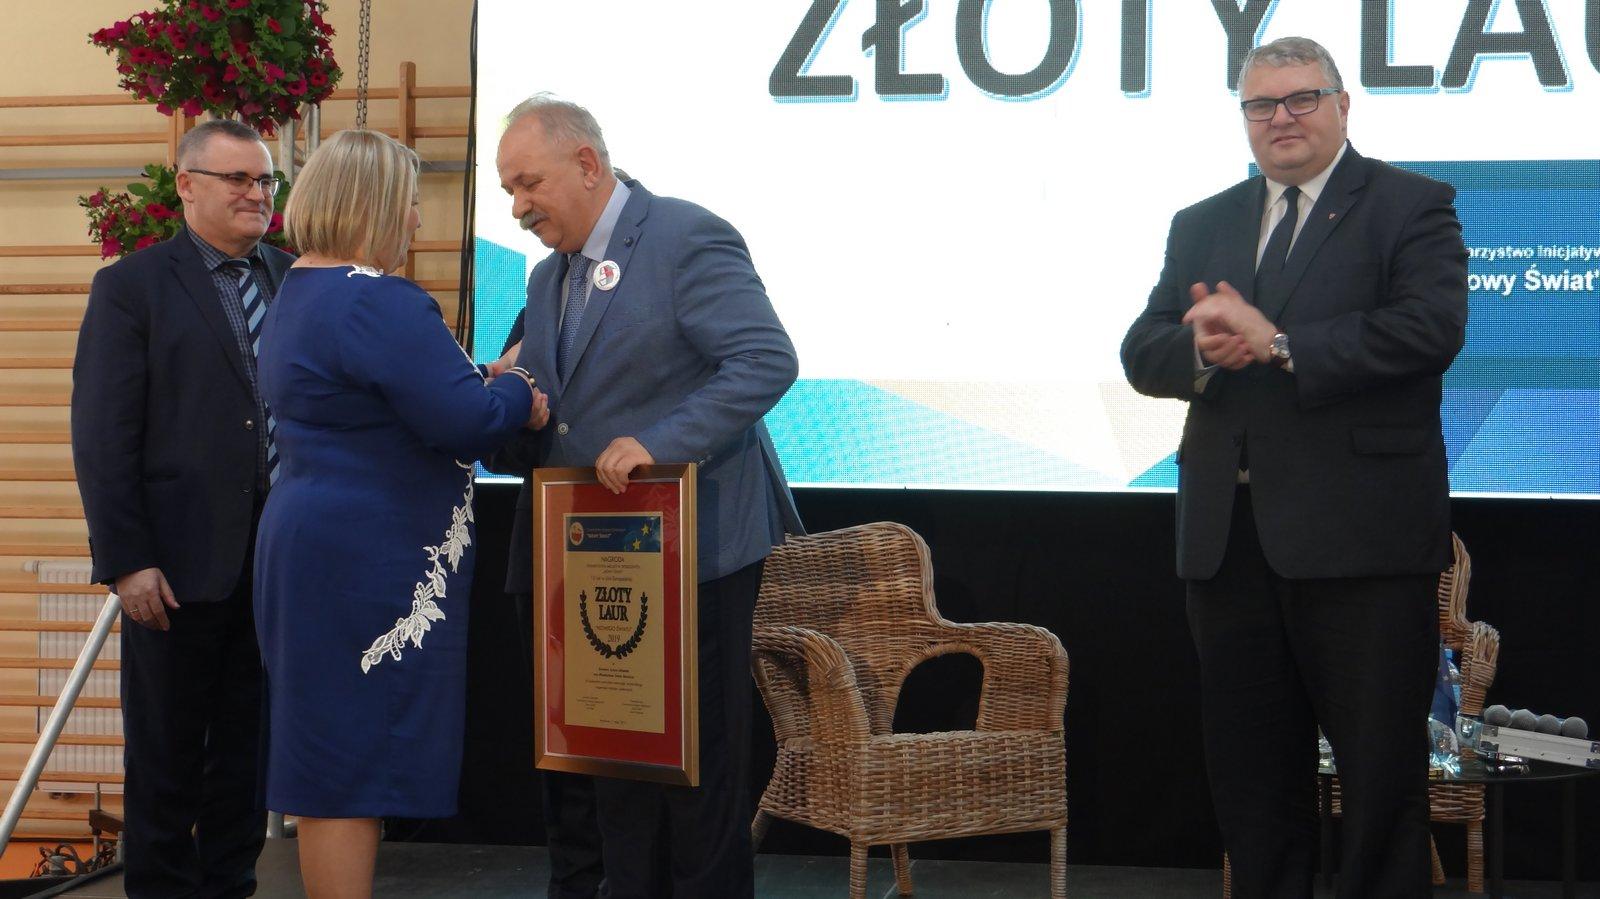 dsc09473 - Wielkopolska zaradność i pracowitość doceniona na Forum Wielkopolskiej Wsi Europejskiej